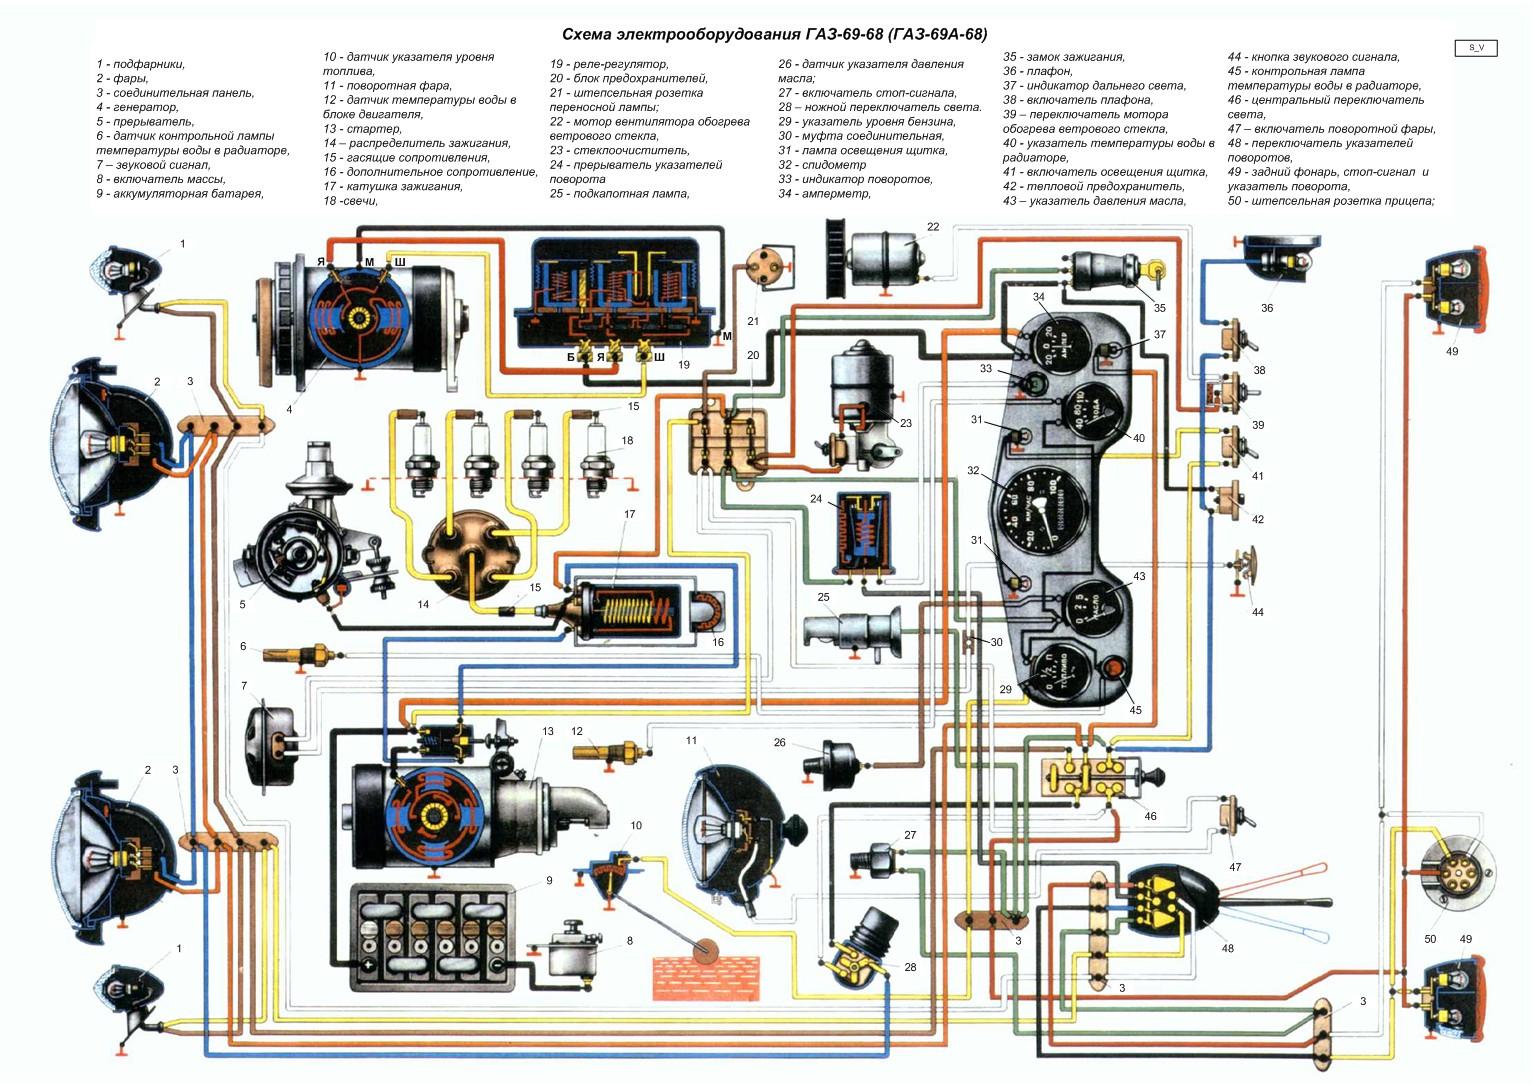 Схема электропроводки газ 52 цветная с описанием фото 909